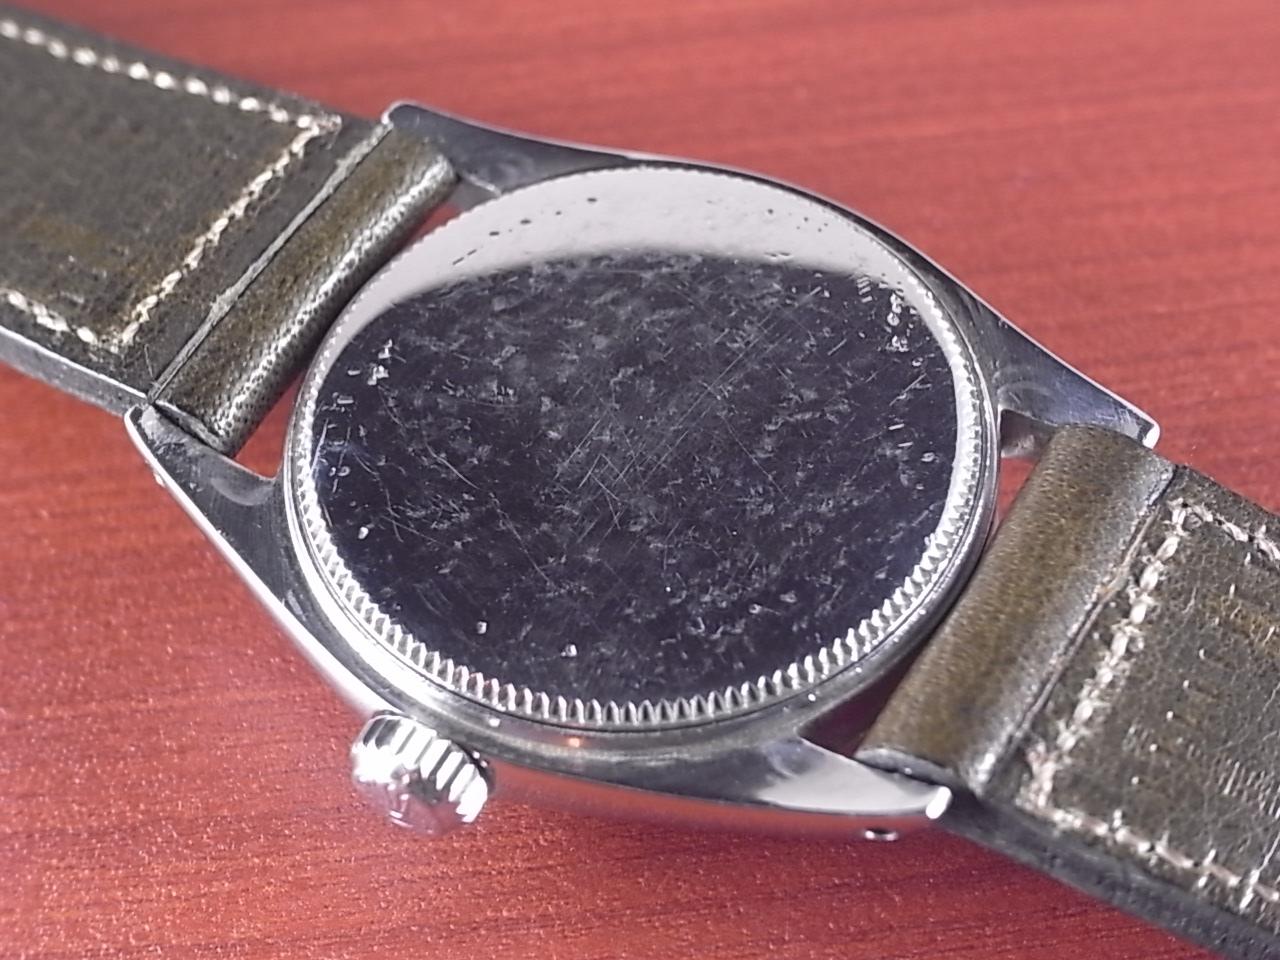 ロレックス スピードキング Ref.6430 ブラックミラー ボーイズサイズ 1960年代の写真4枚目